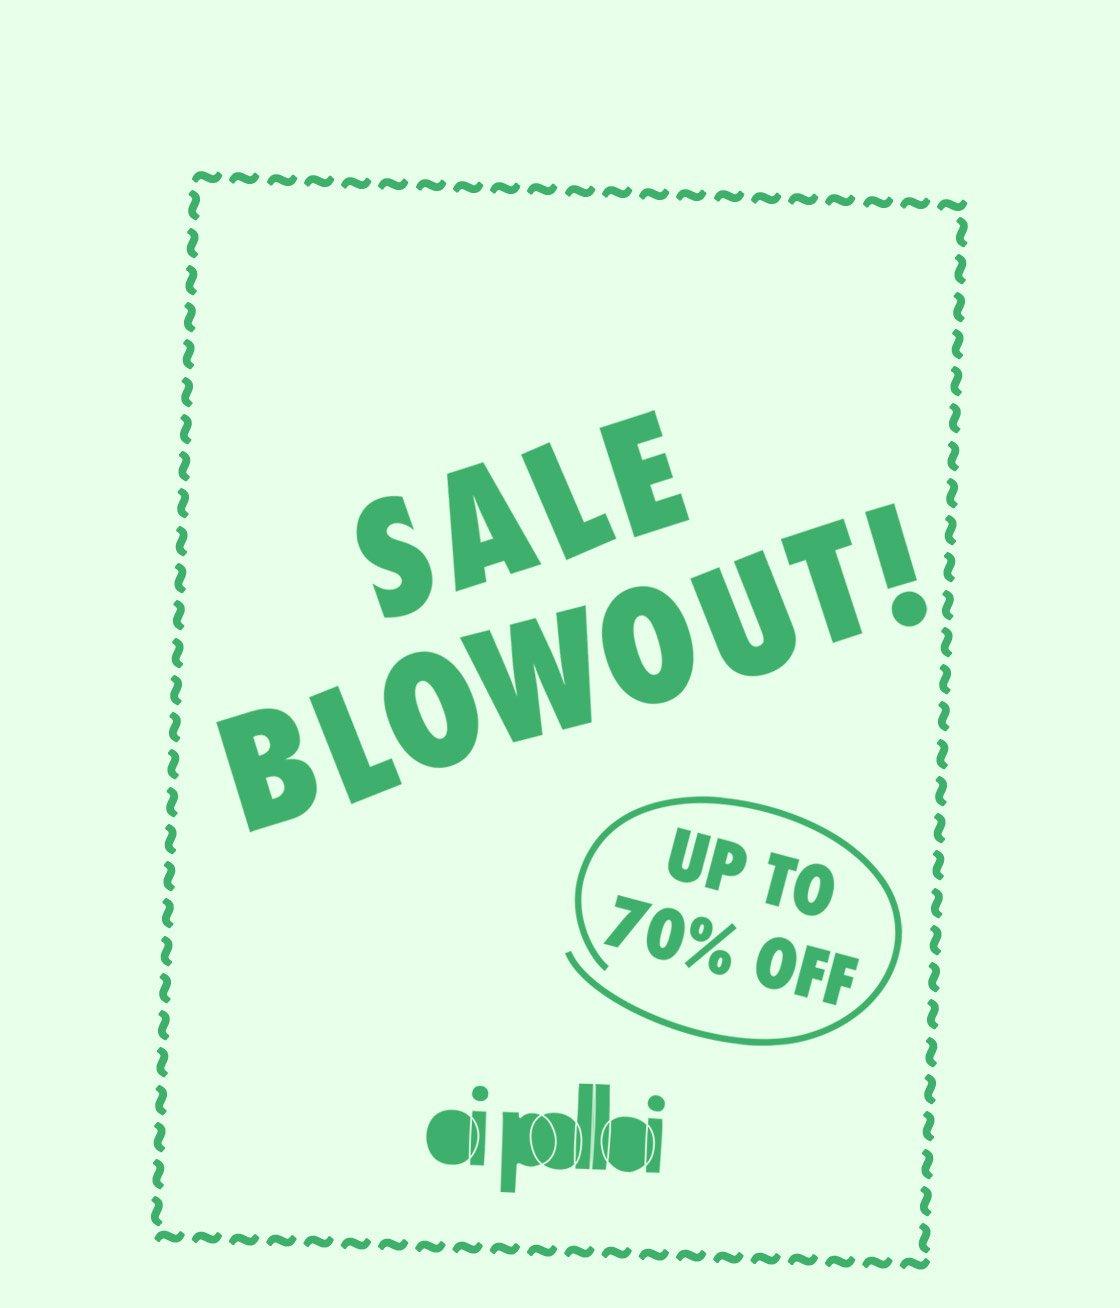 Sale Blowout